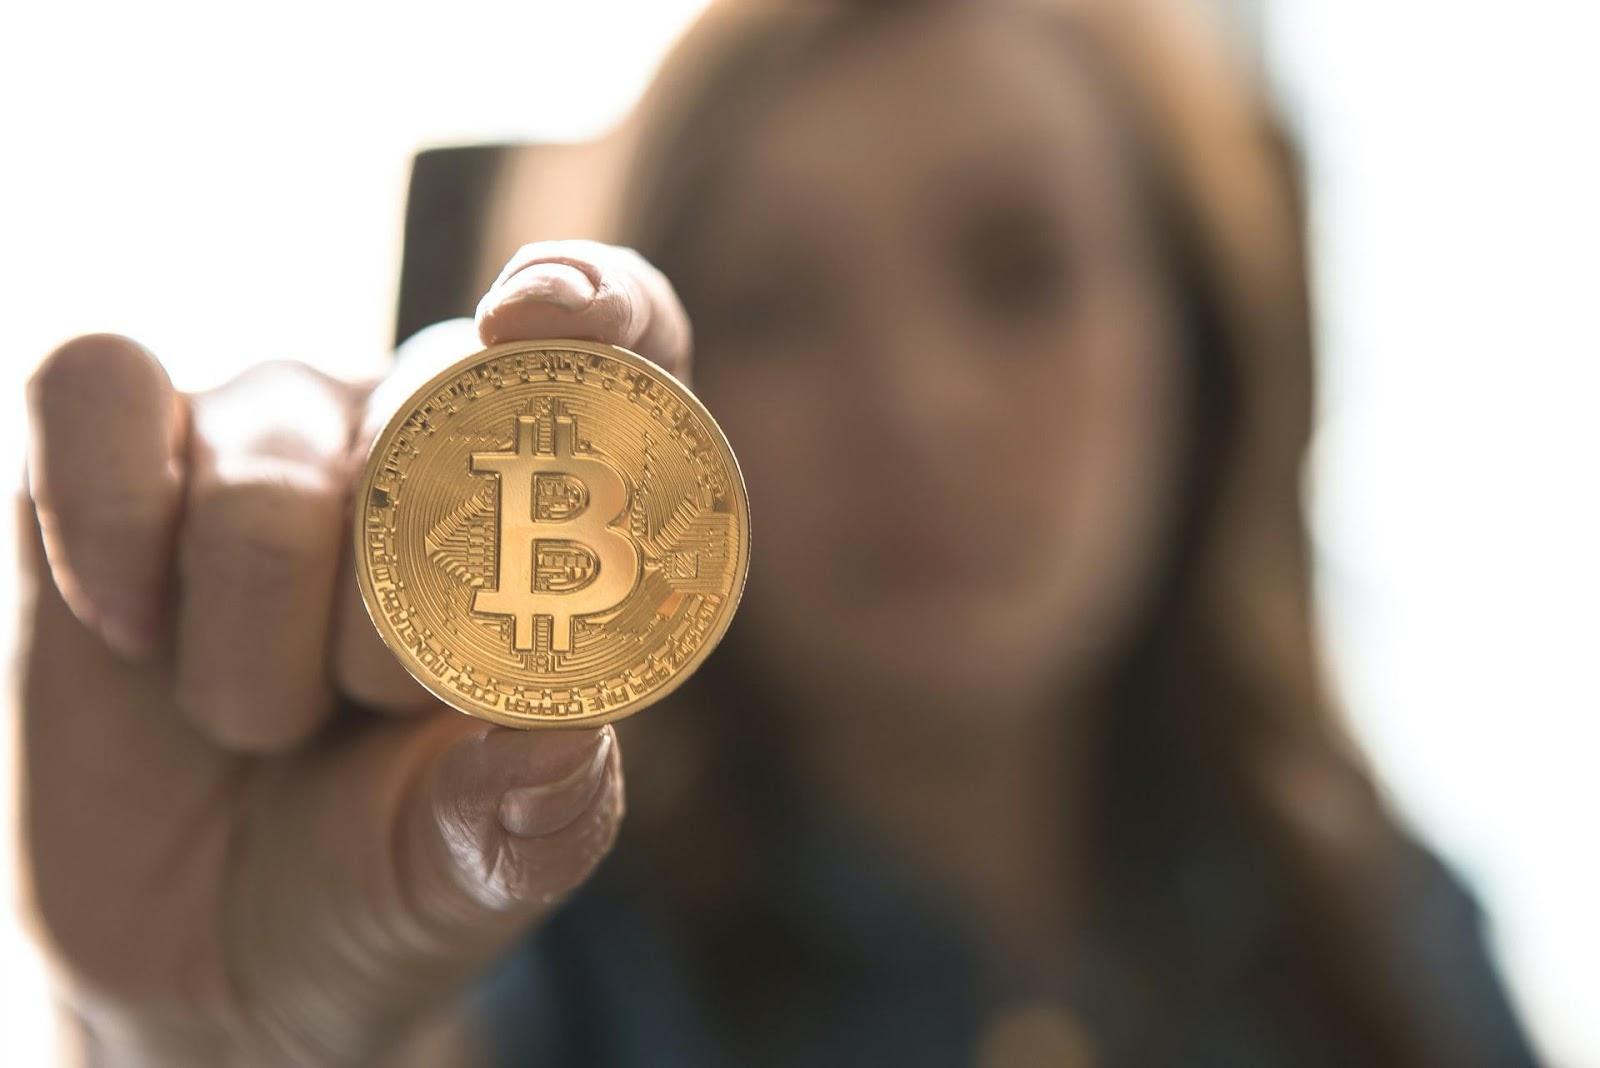 Bitcoin Retests $10,000 Mark as Trading Volumes Keep Rising